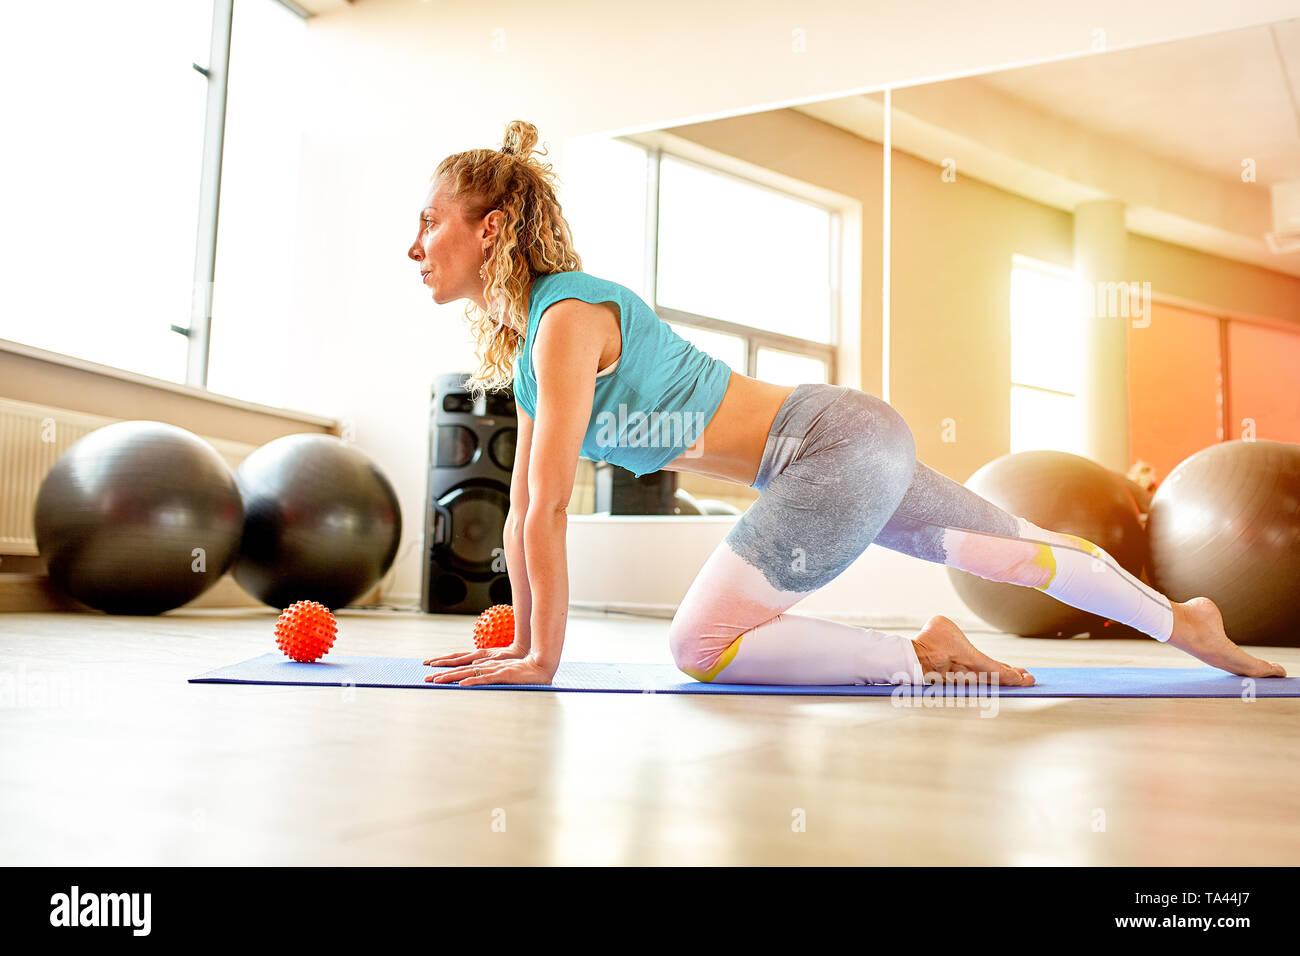 Un gran progreso. Joven bella mujer en ropa deportiva haciendo el estiramiento en la parte frontal de cristal en el gimnasio Foto de stock